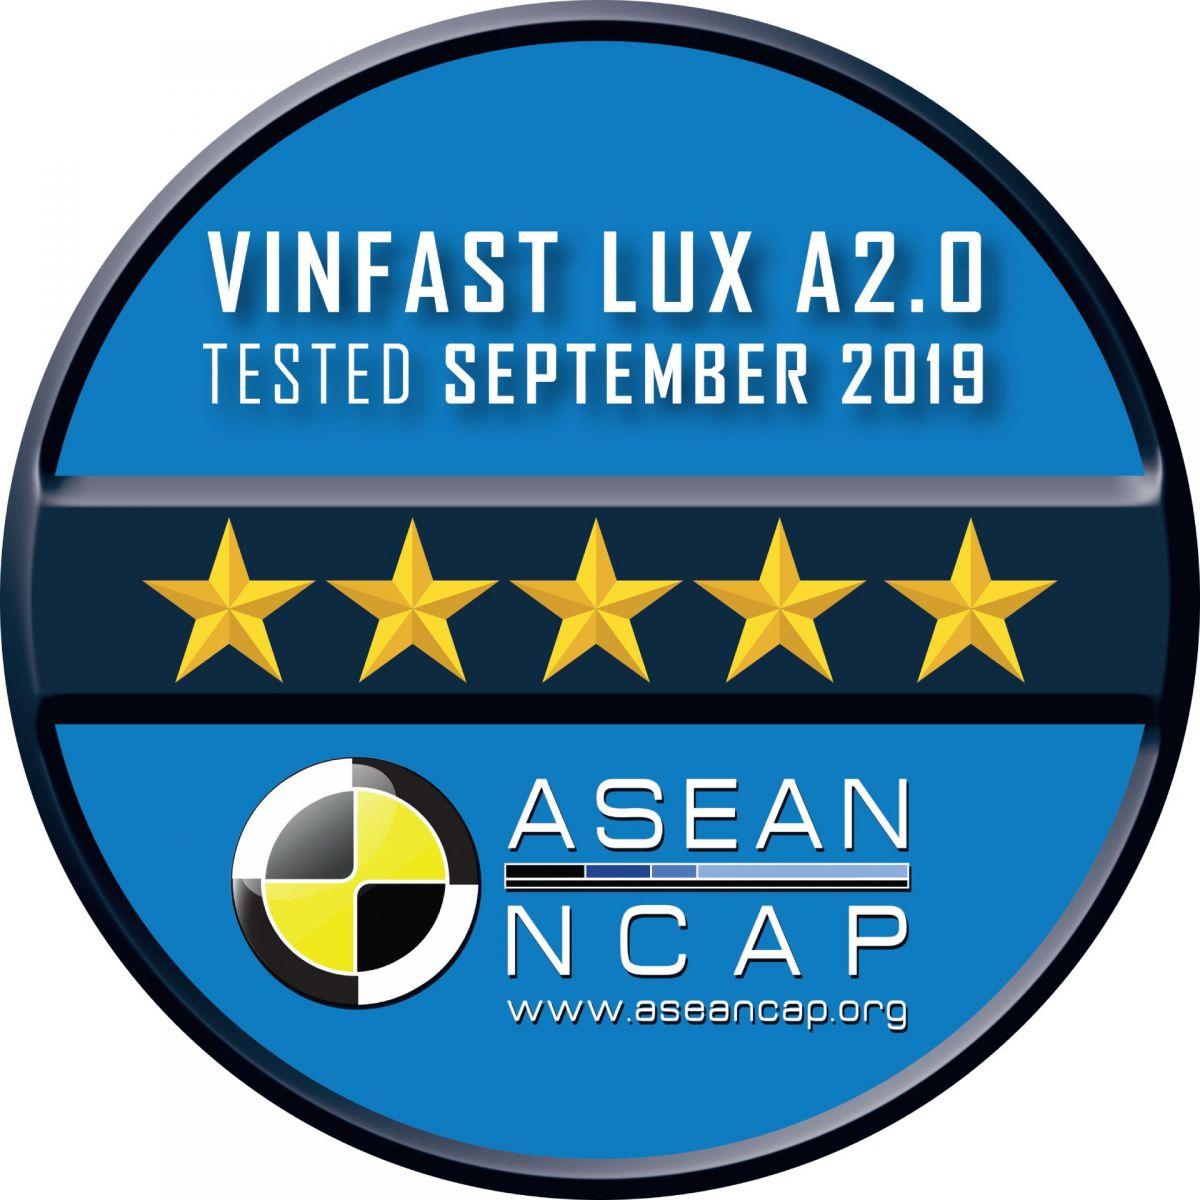 Lux A2.0 đạt tiêu chuẩn an toàn 5 sao của ASEAN NCAP